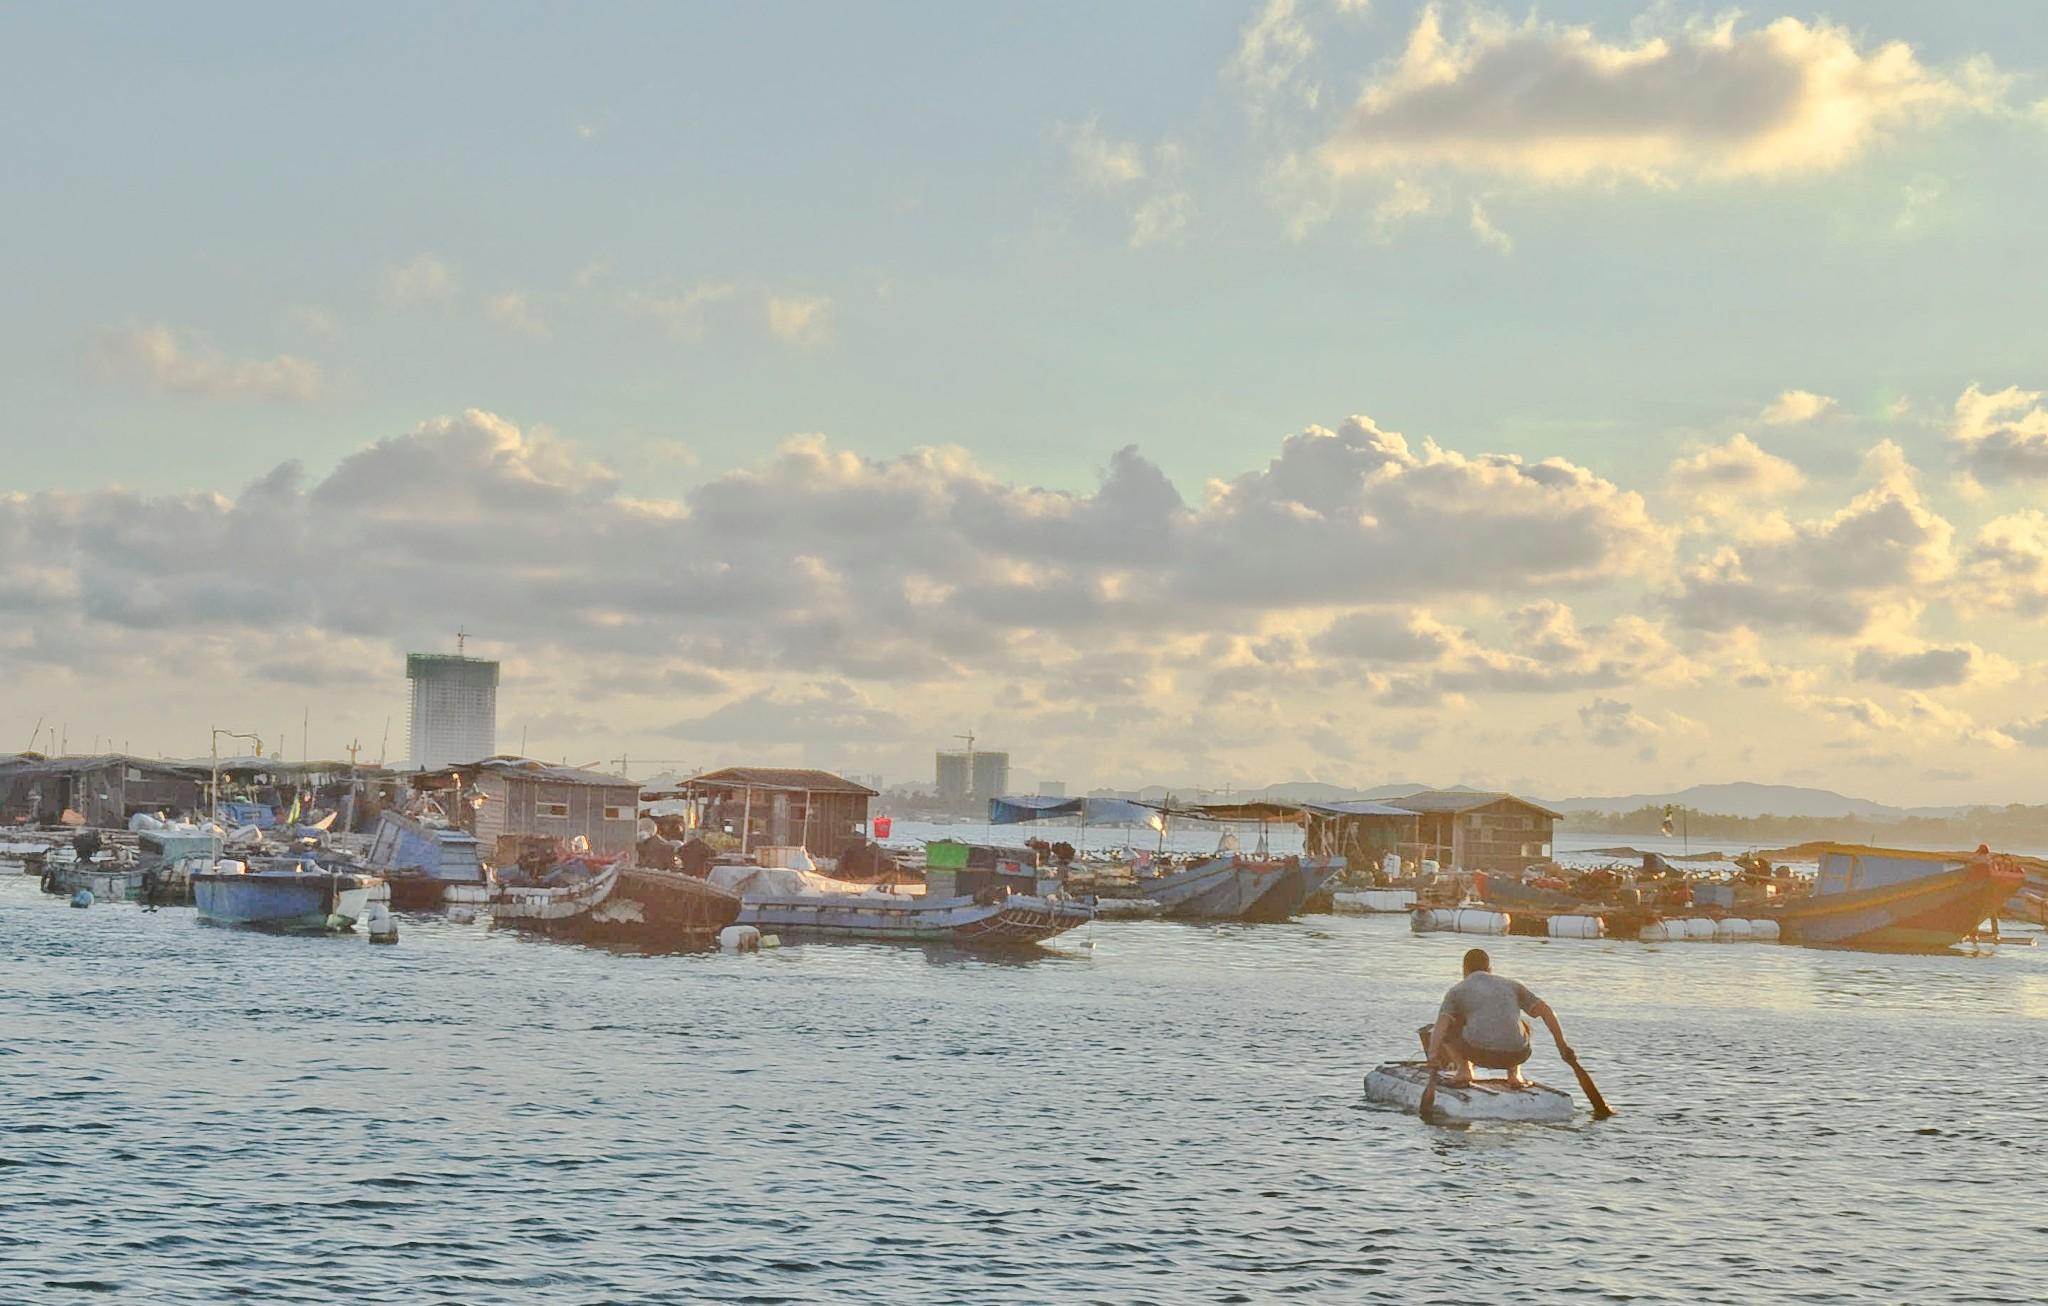 东山岛旅游图片,东山岛自助游图片,东山岛旅游景点